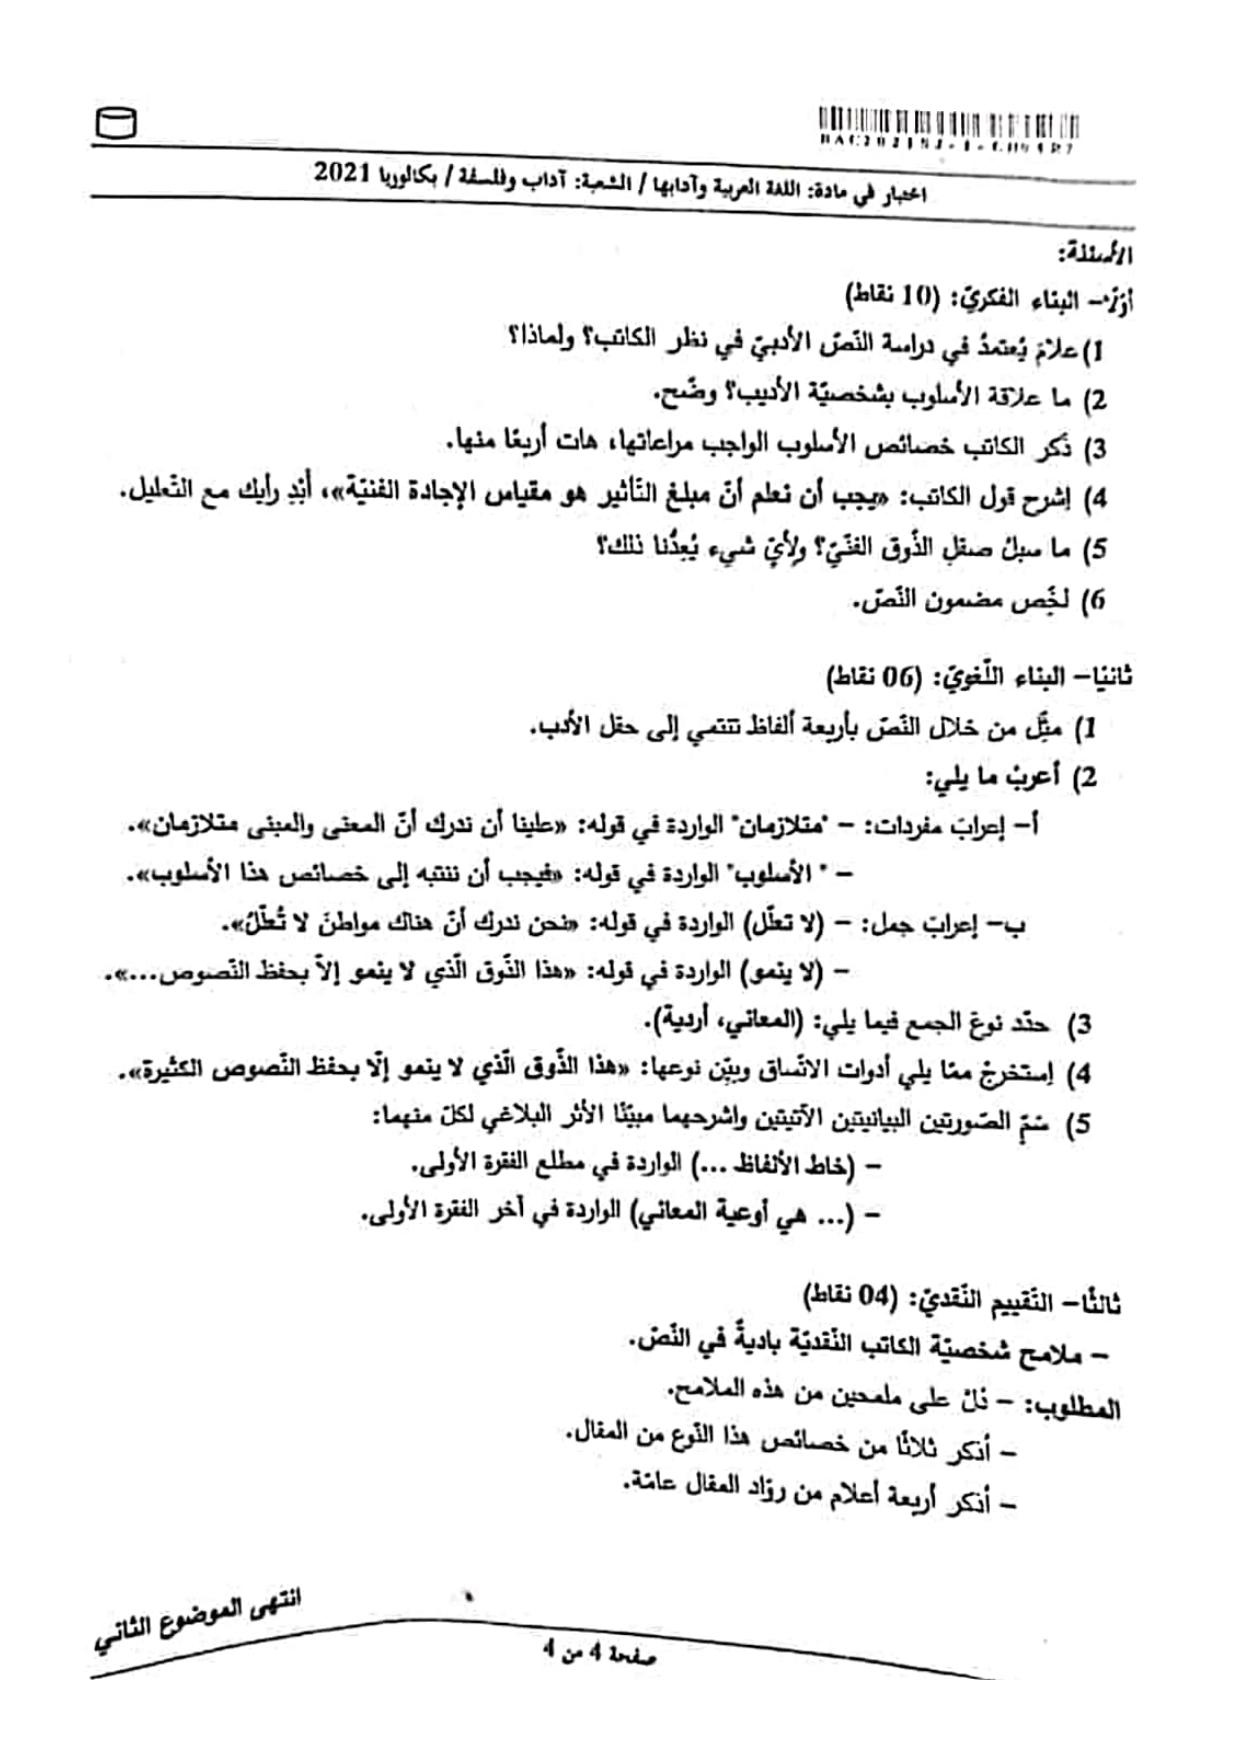 موضوع اللغة العربية شعبة آداب وفلسفة بكالوريا 2021